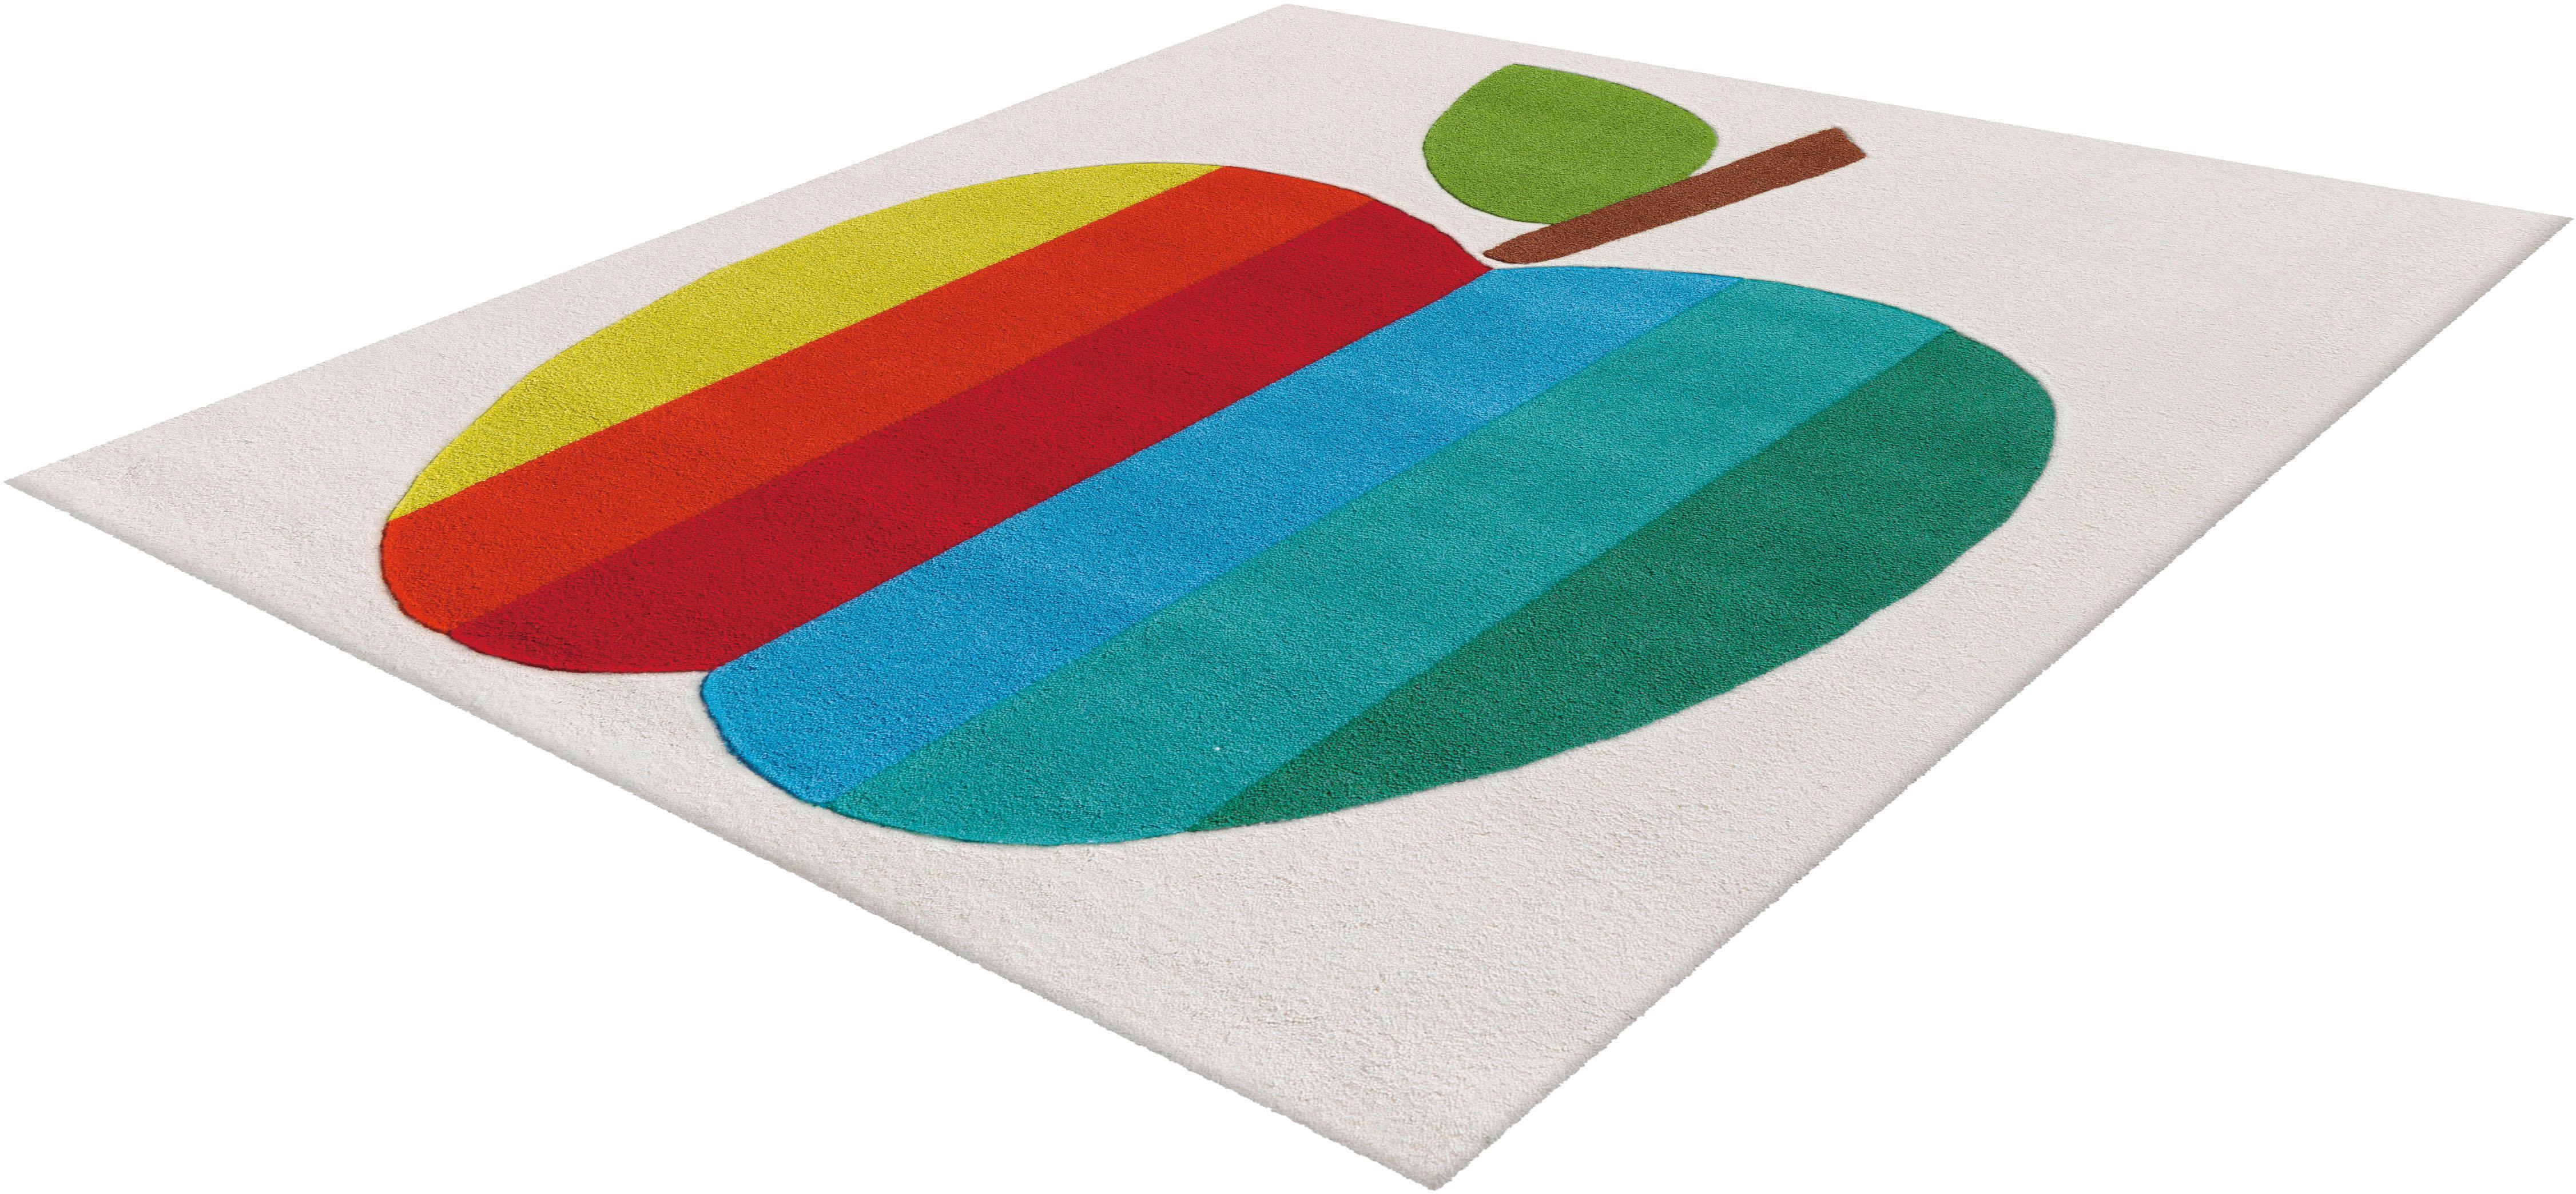 Kinderteppich Joy 4170 Arte Espina rechteckig Höhe 16 mm handgetuftet